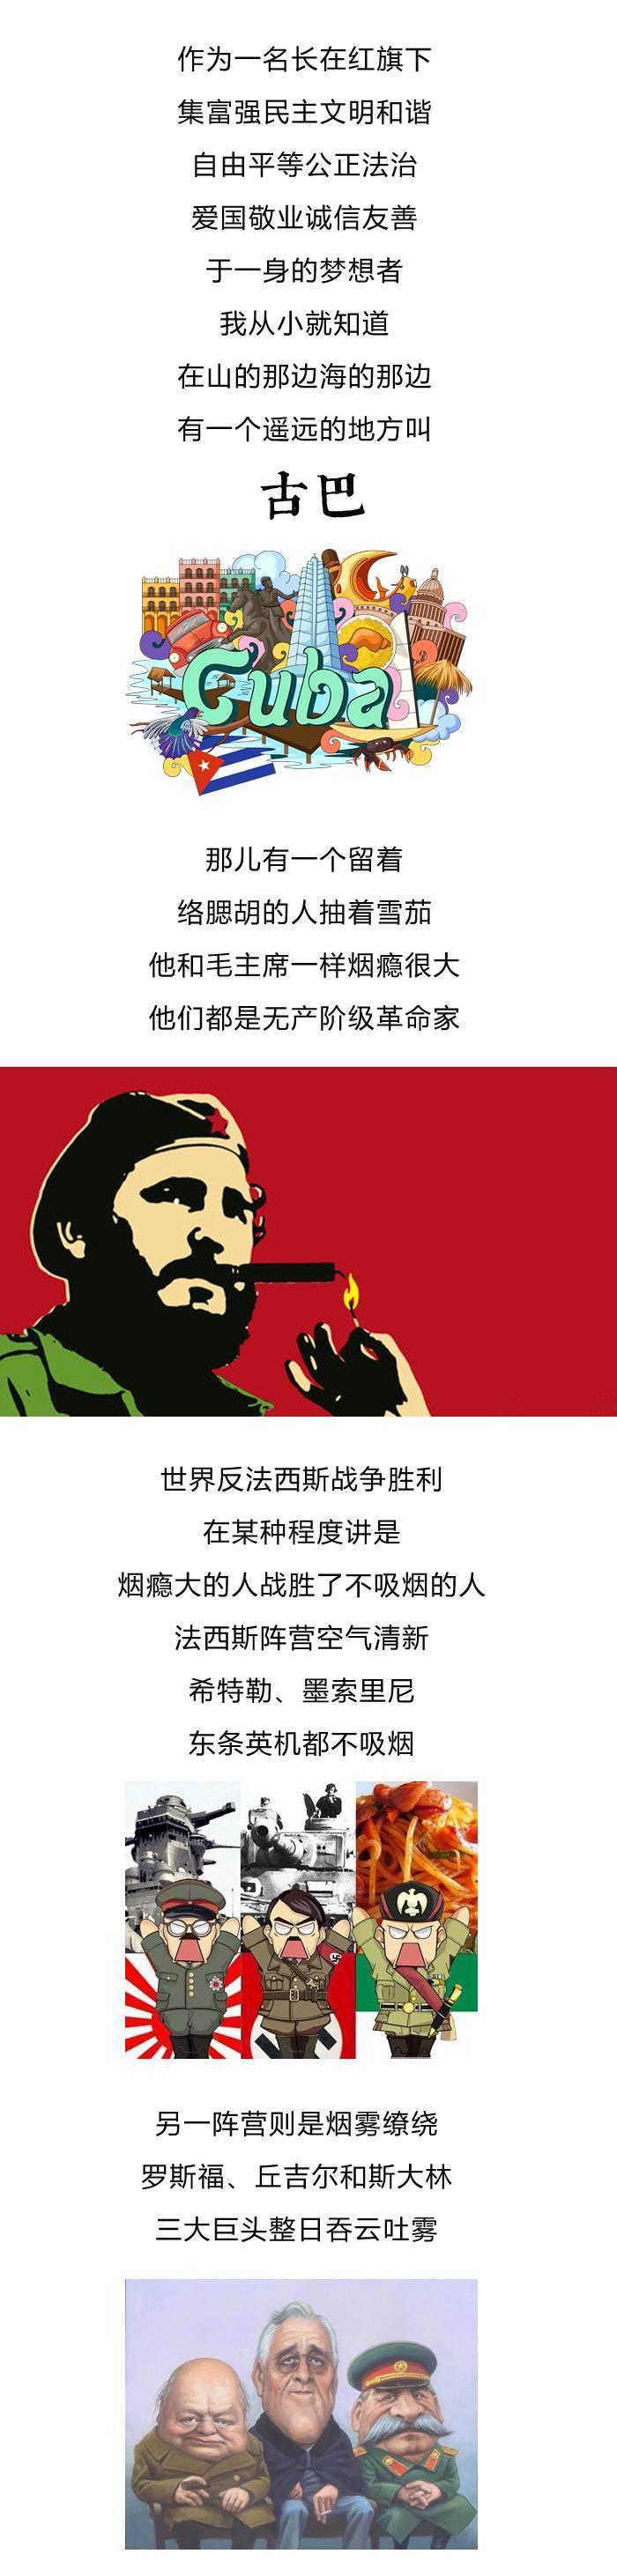 卡斯特罗已经和他的雪茄一起熄灭,还好我们可以带着这支烟一起拯救世界